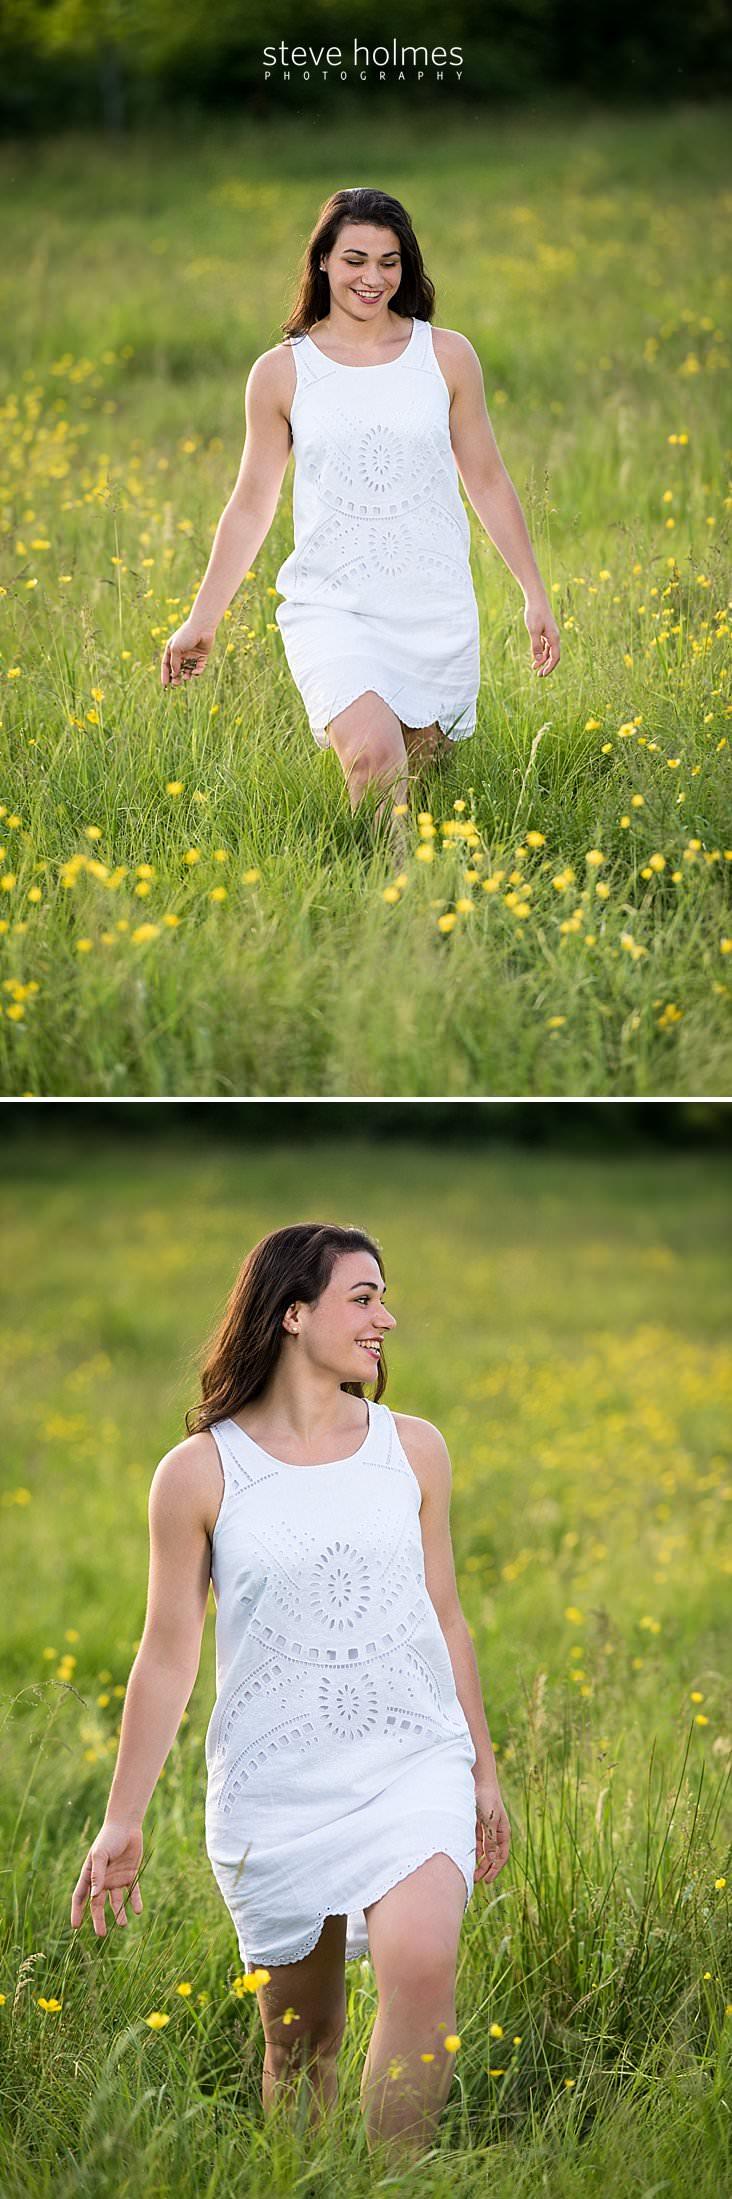 28_Teen wearing white dress walks through summer field_.jpg